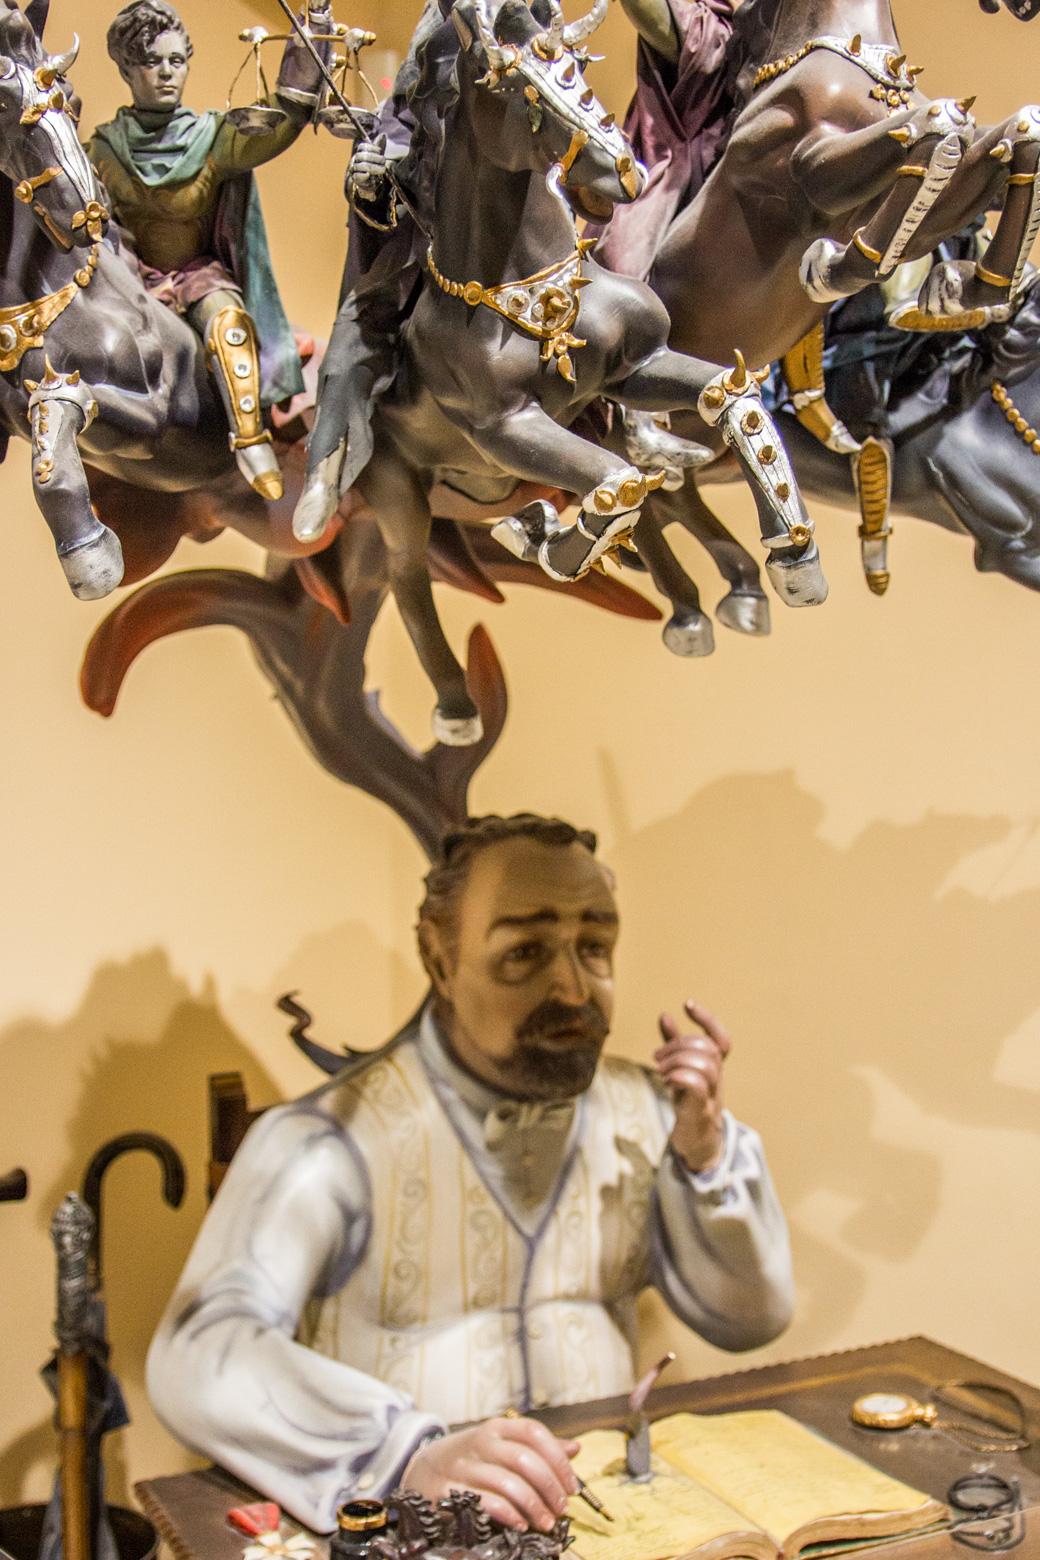 Fallas ist das große Frühlingsfest Valencias. Beim Höhepunkt des Festes werden haushohe Skulpturen verbrannt, die gleichnamigen Falla. Sie werden in den Falla-Vereinen gebaut, die sich nach den Stadtvierteln aufteilen. Jedes Jahr gibt es hunderte Kunstwerke. Die schönsten Skulpturen werden begnadigt. Diese Figuren, die Ninots, wurden per Volksabstimmung vor den Flammen gerettet. Im Fallas Museum kann man sie bewundern. Sonntags und an Feiertagen ist sogar der Eintritt frei. Diese wundervollen Kunstwerke sind so unglaublich detailverliebt und wunderschön – Ein must see in Valencia!